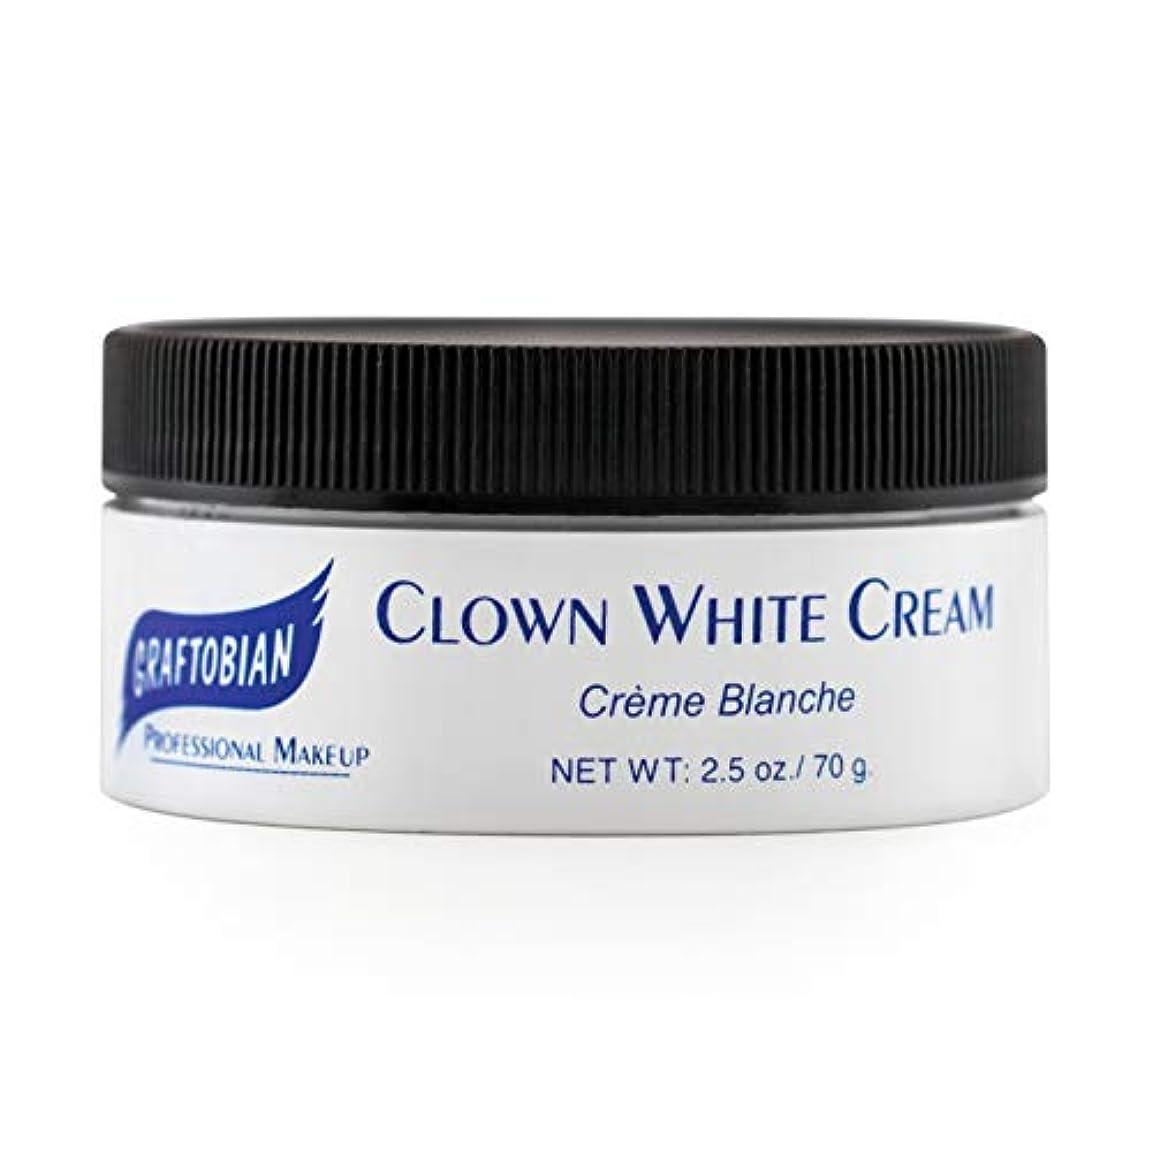 もの野望カプラーClown White Creme Foundation (2.5 oz.) ピエロホワイトクリームファンデーション(2.5オンス)?ハロウィン?クリスマス?2.5 oz.